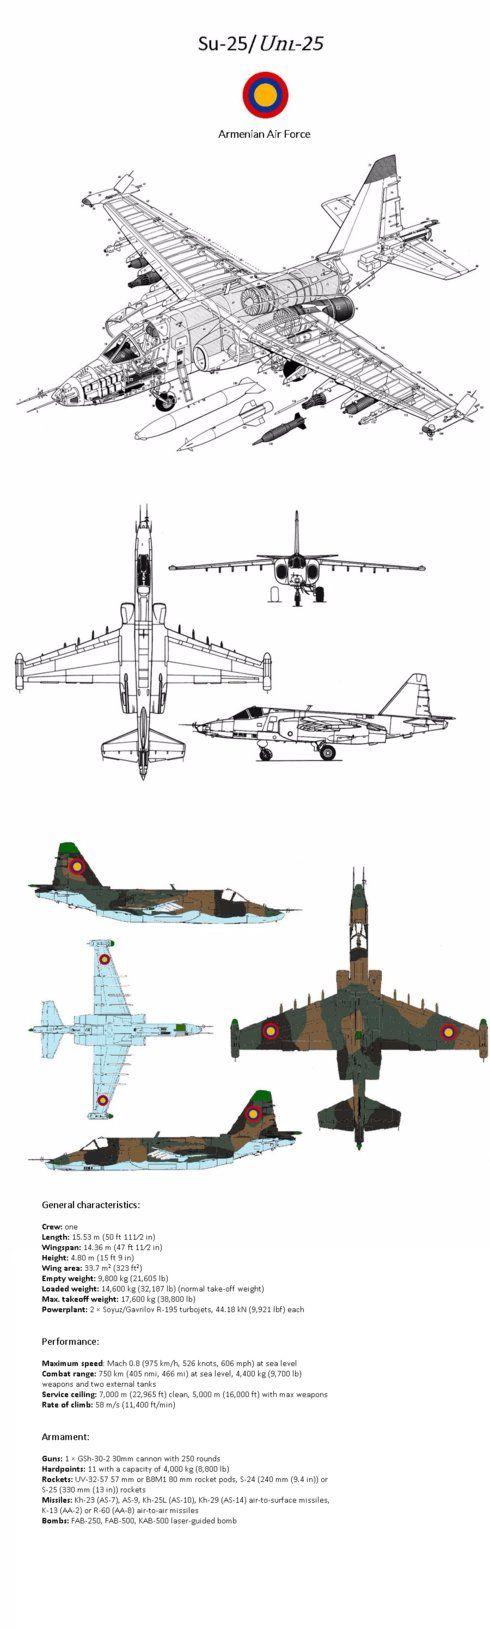 Armenian Air Force Su-25 by Armynia